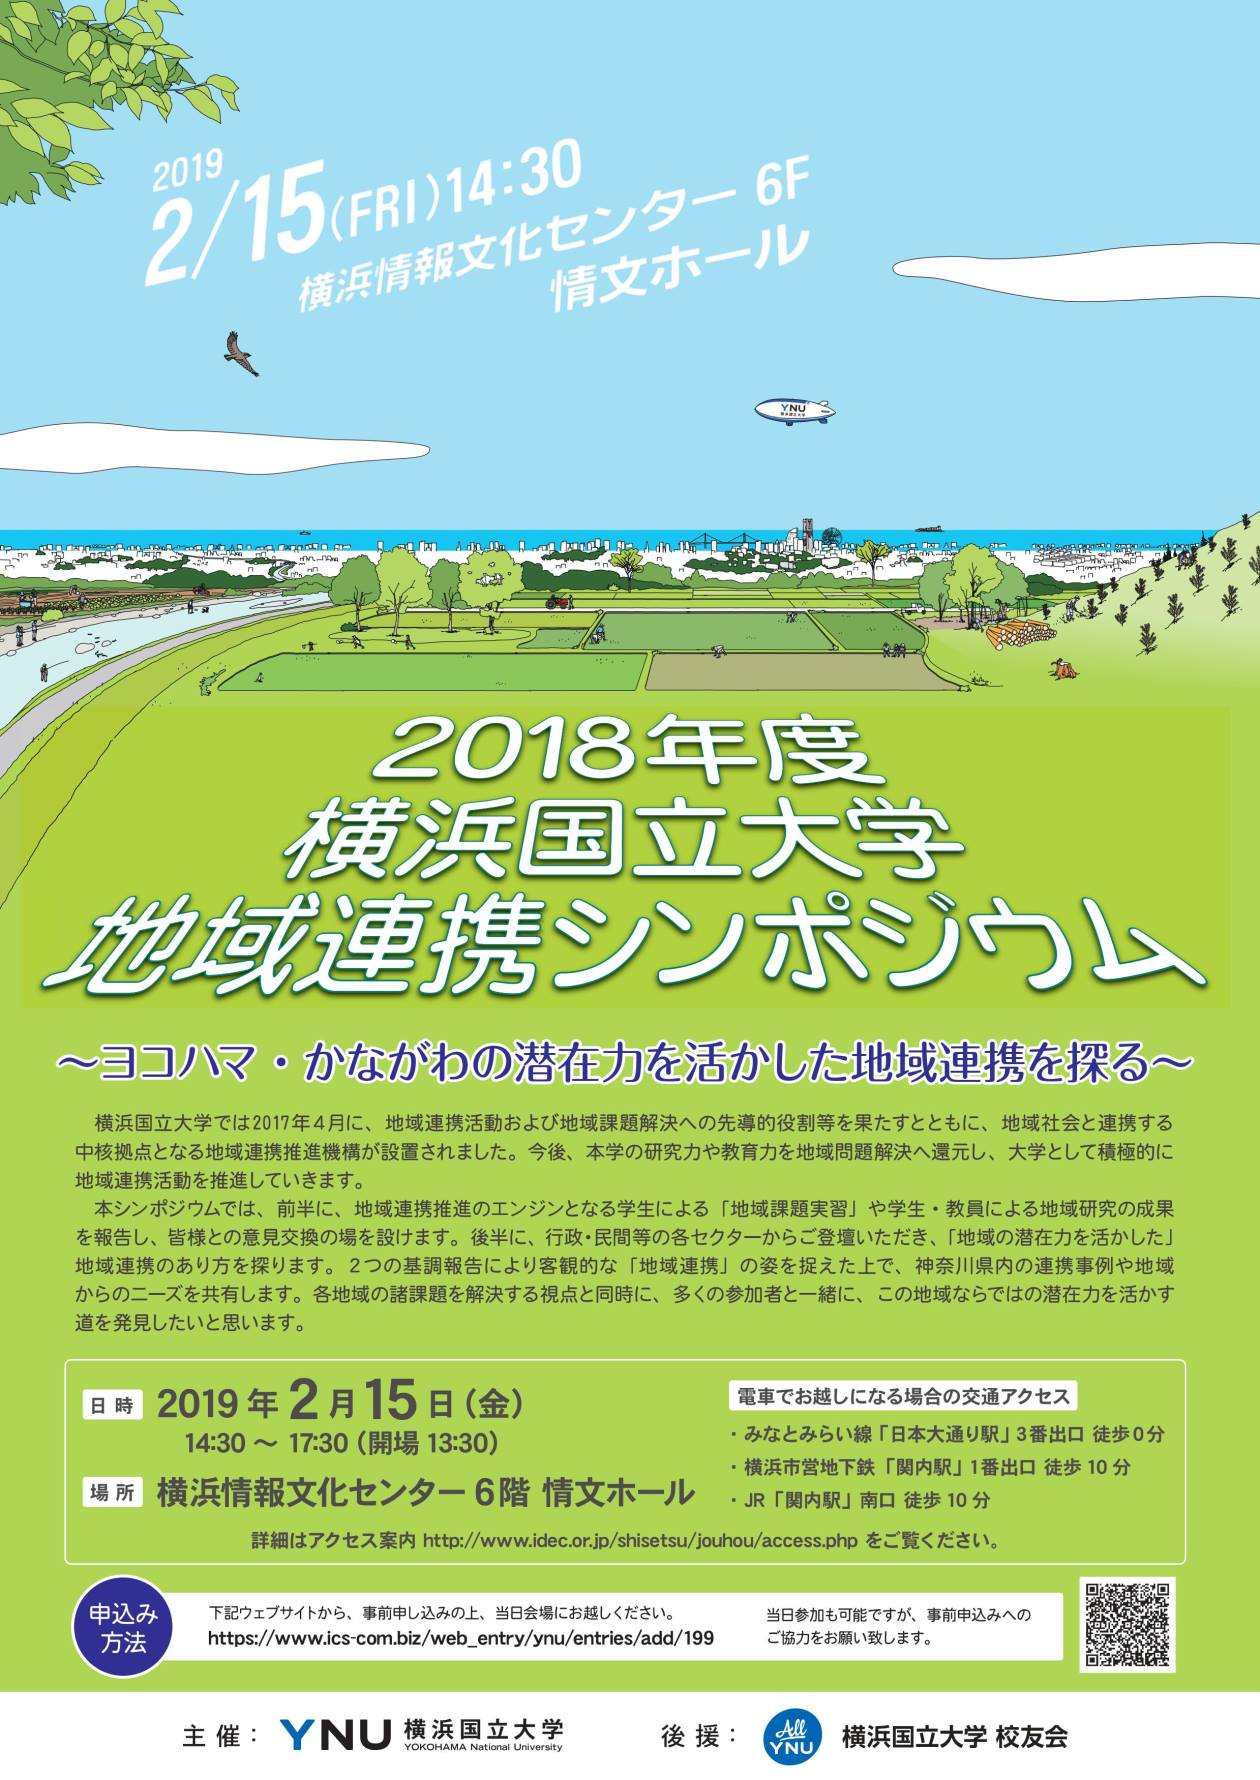 2019Regiona_symposium1